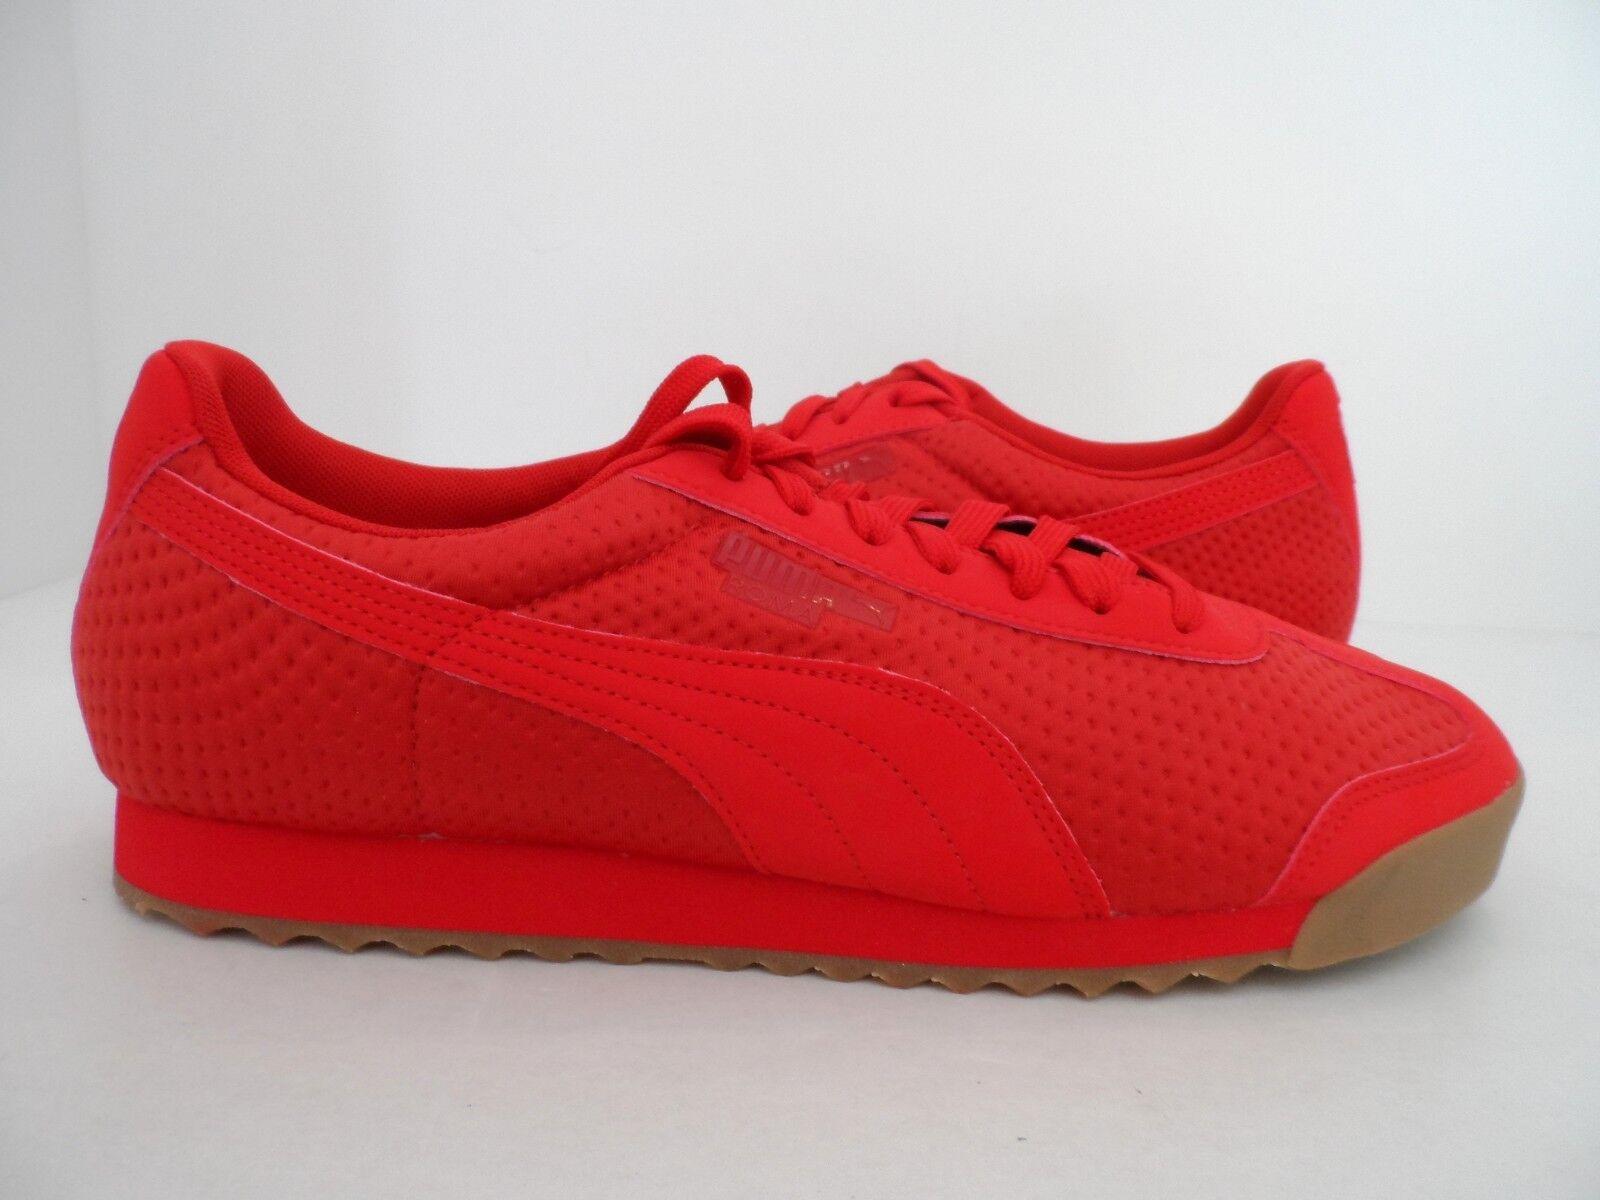 Puma Uomo rom di triemboss scarpa di rom moda ad alto rischio red 8 a2fe9f